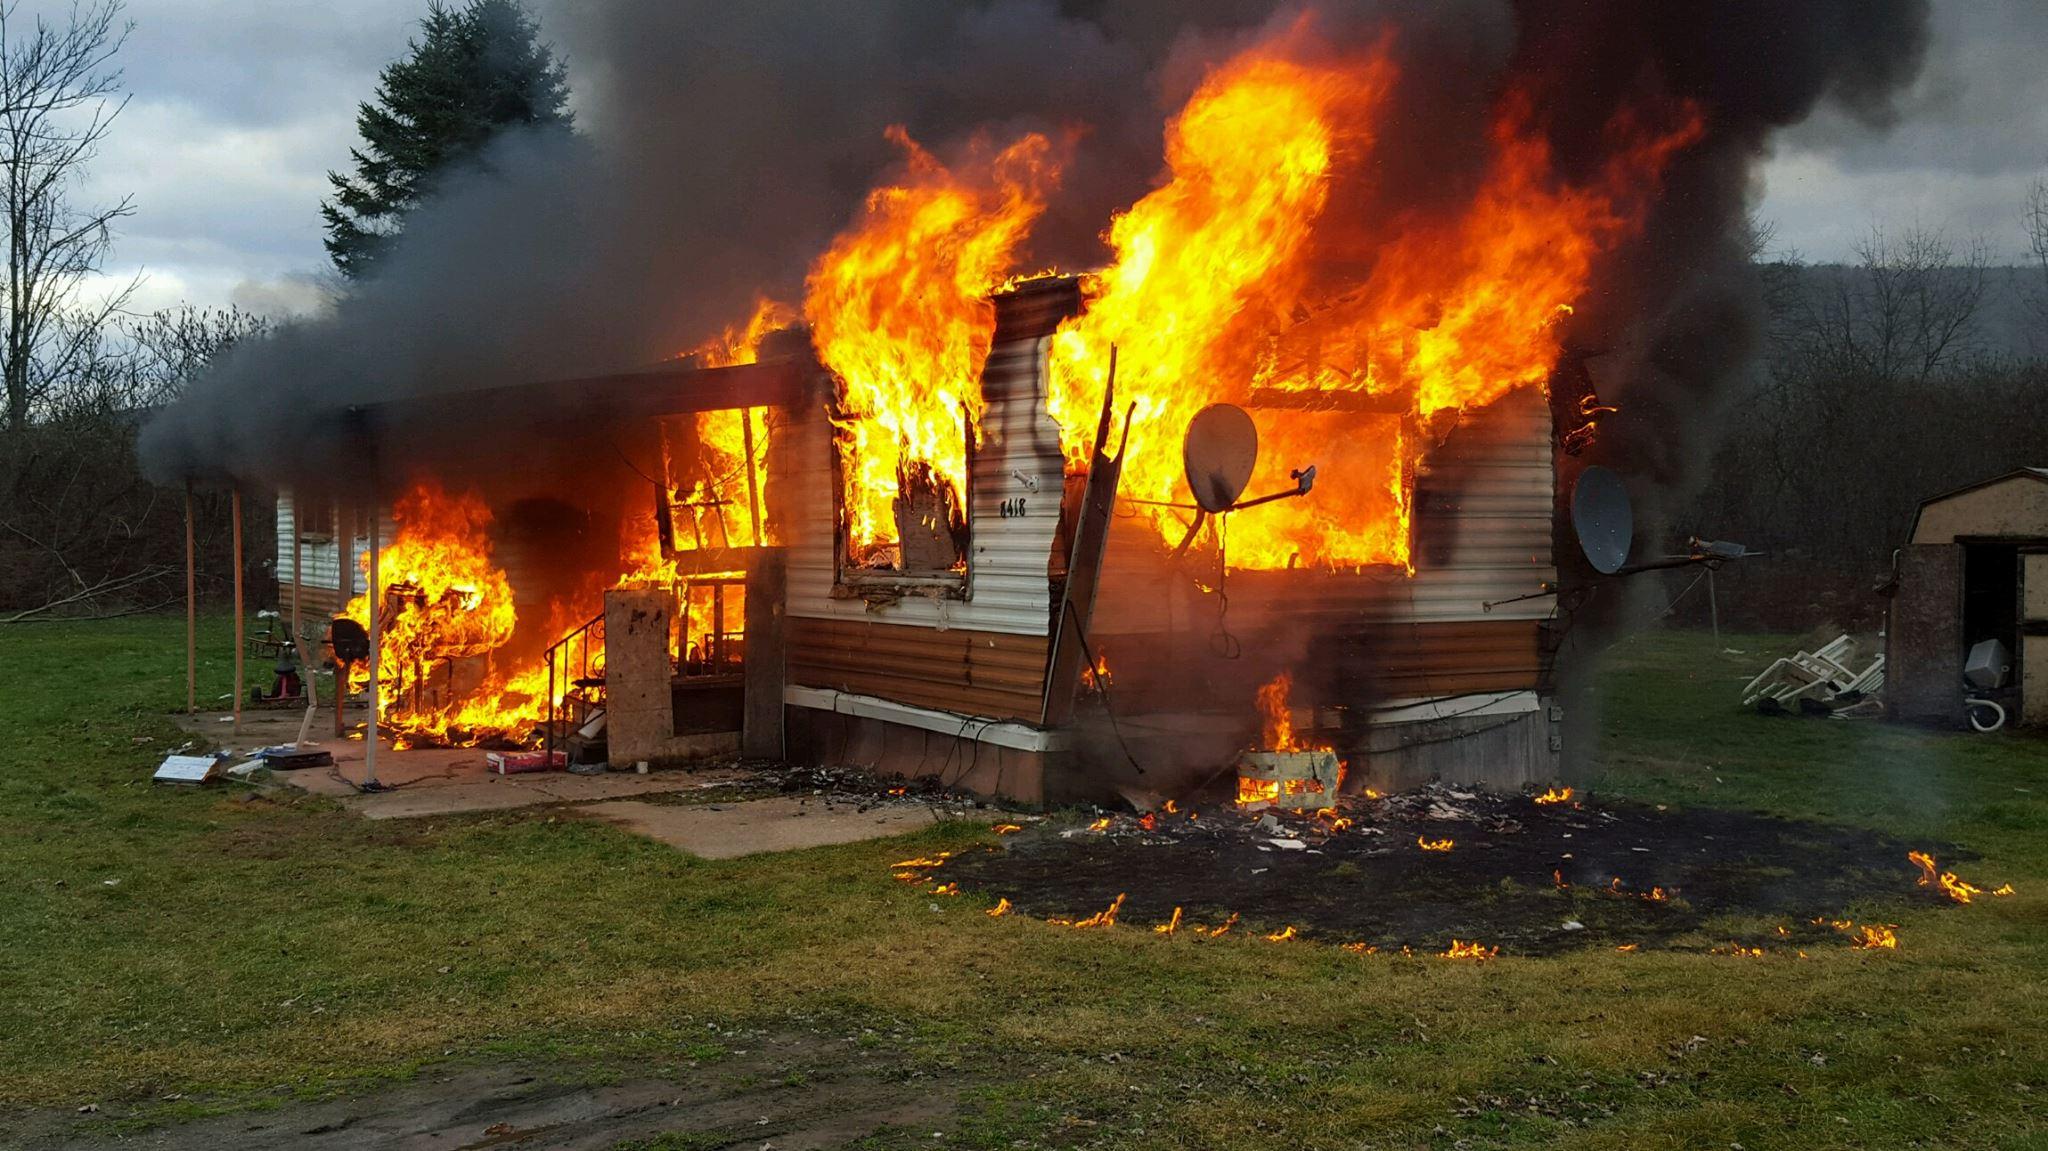 town of wheeler fire_1450717523893.jpg